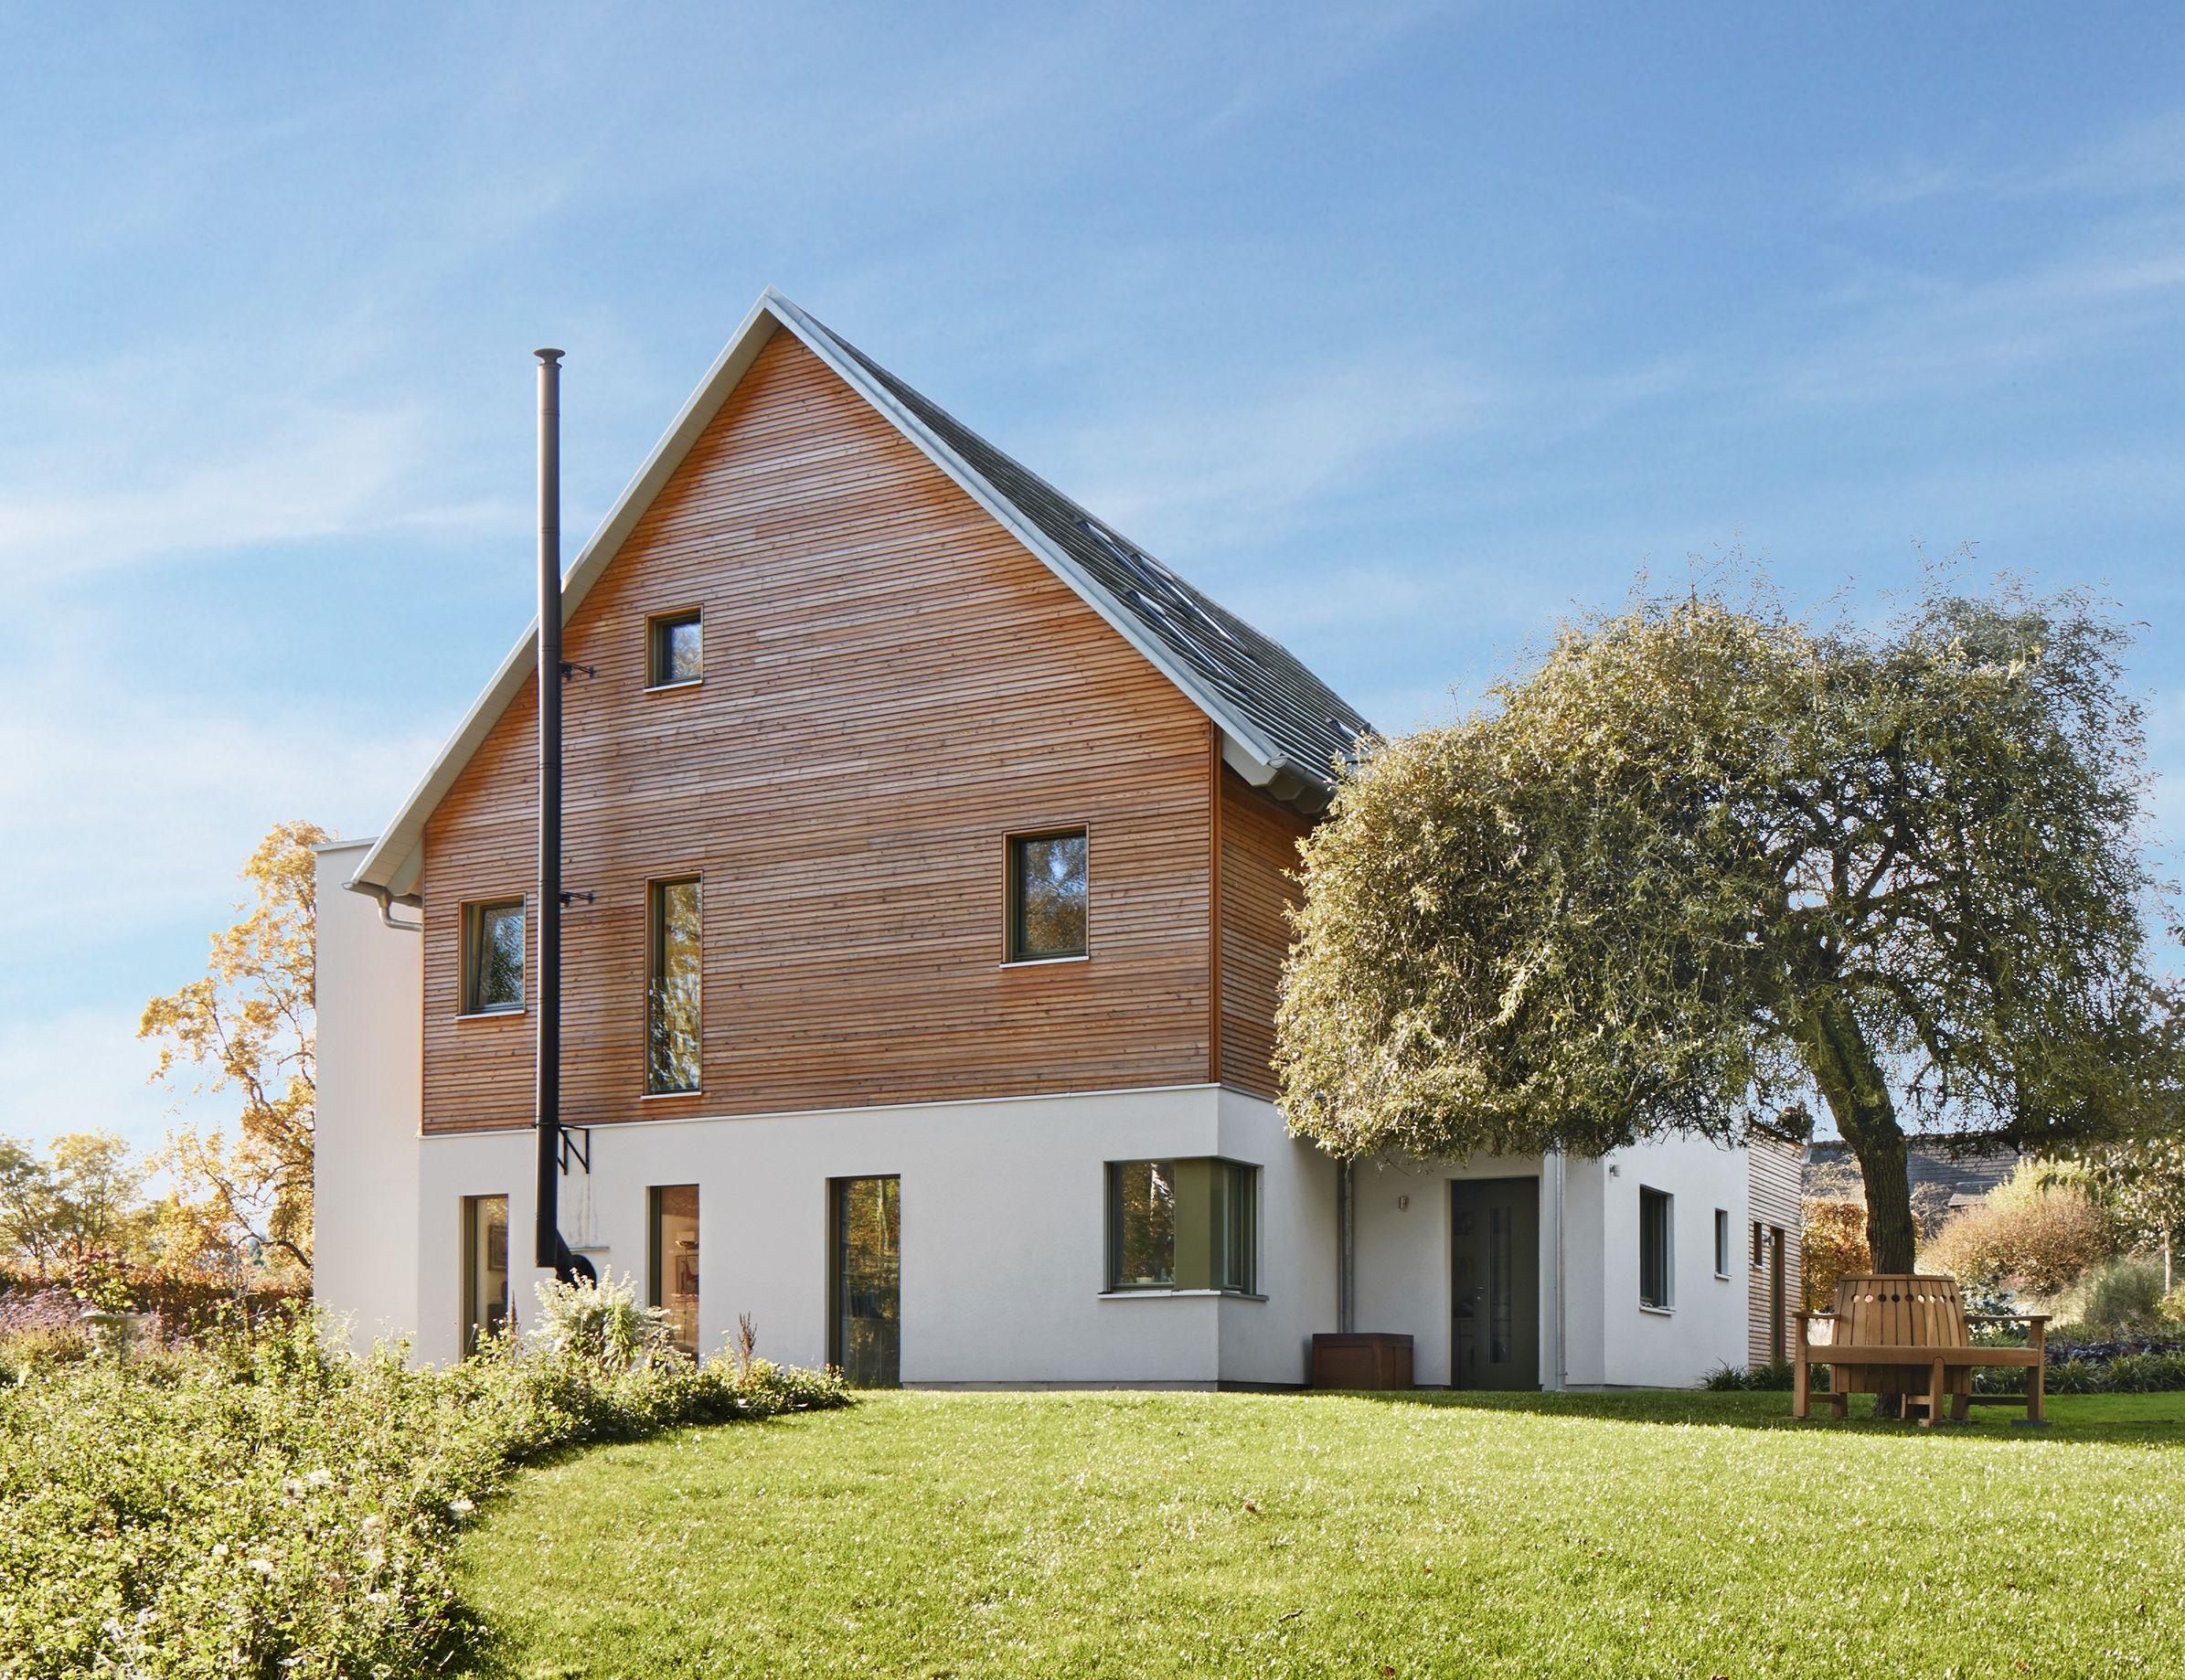 Holzhaus Architektur modernes holzhaus mit satteldach architektur designhaus frankel